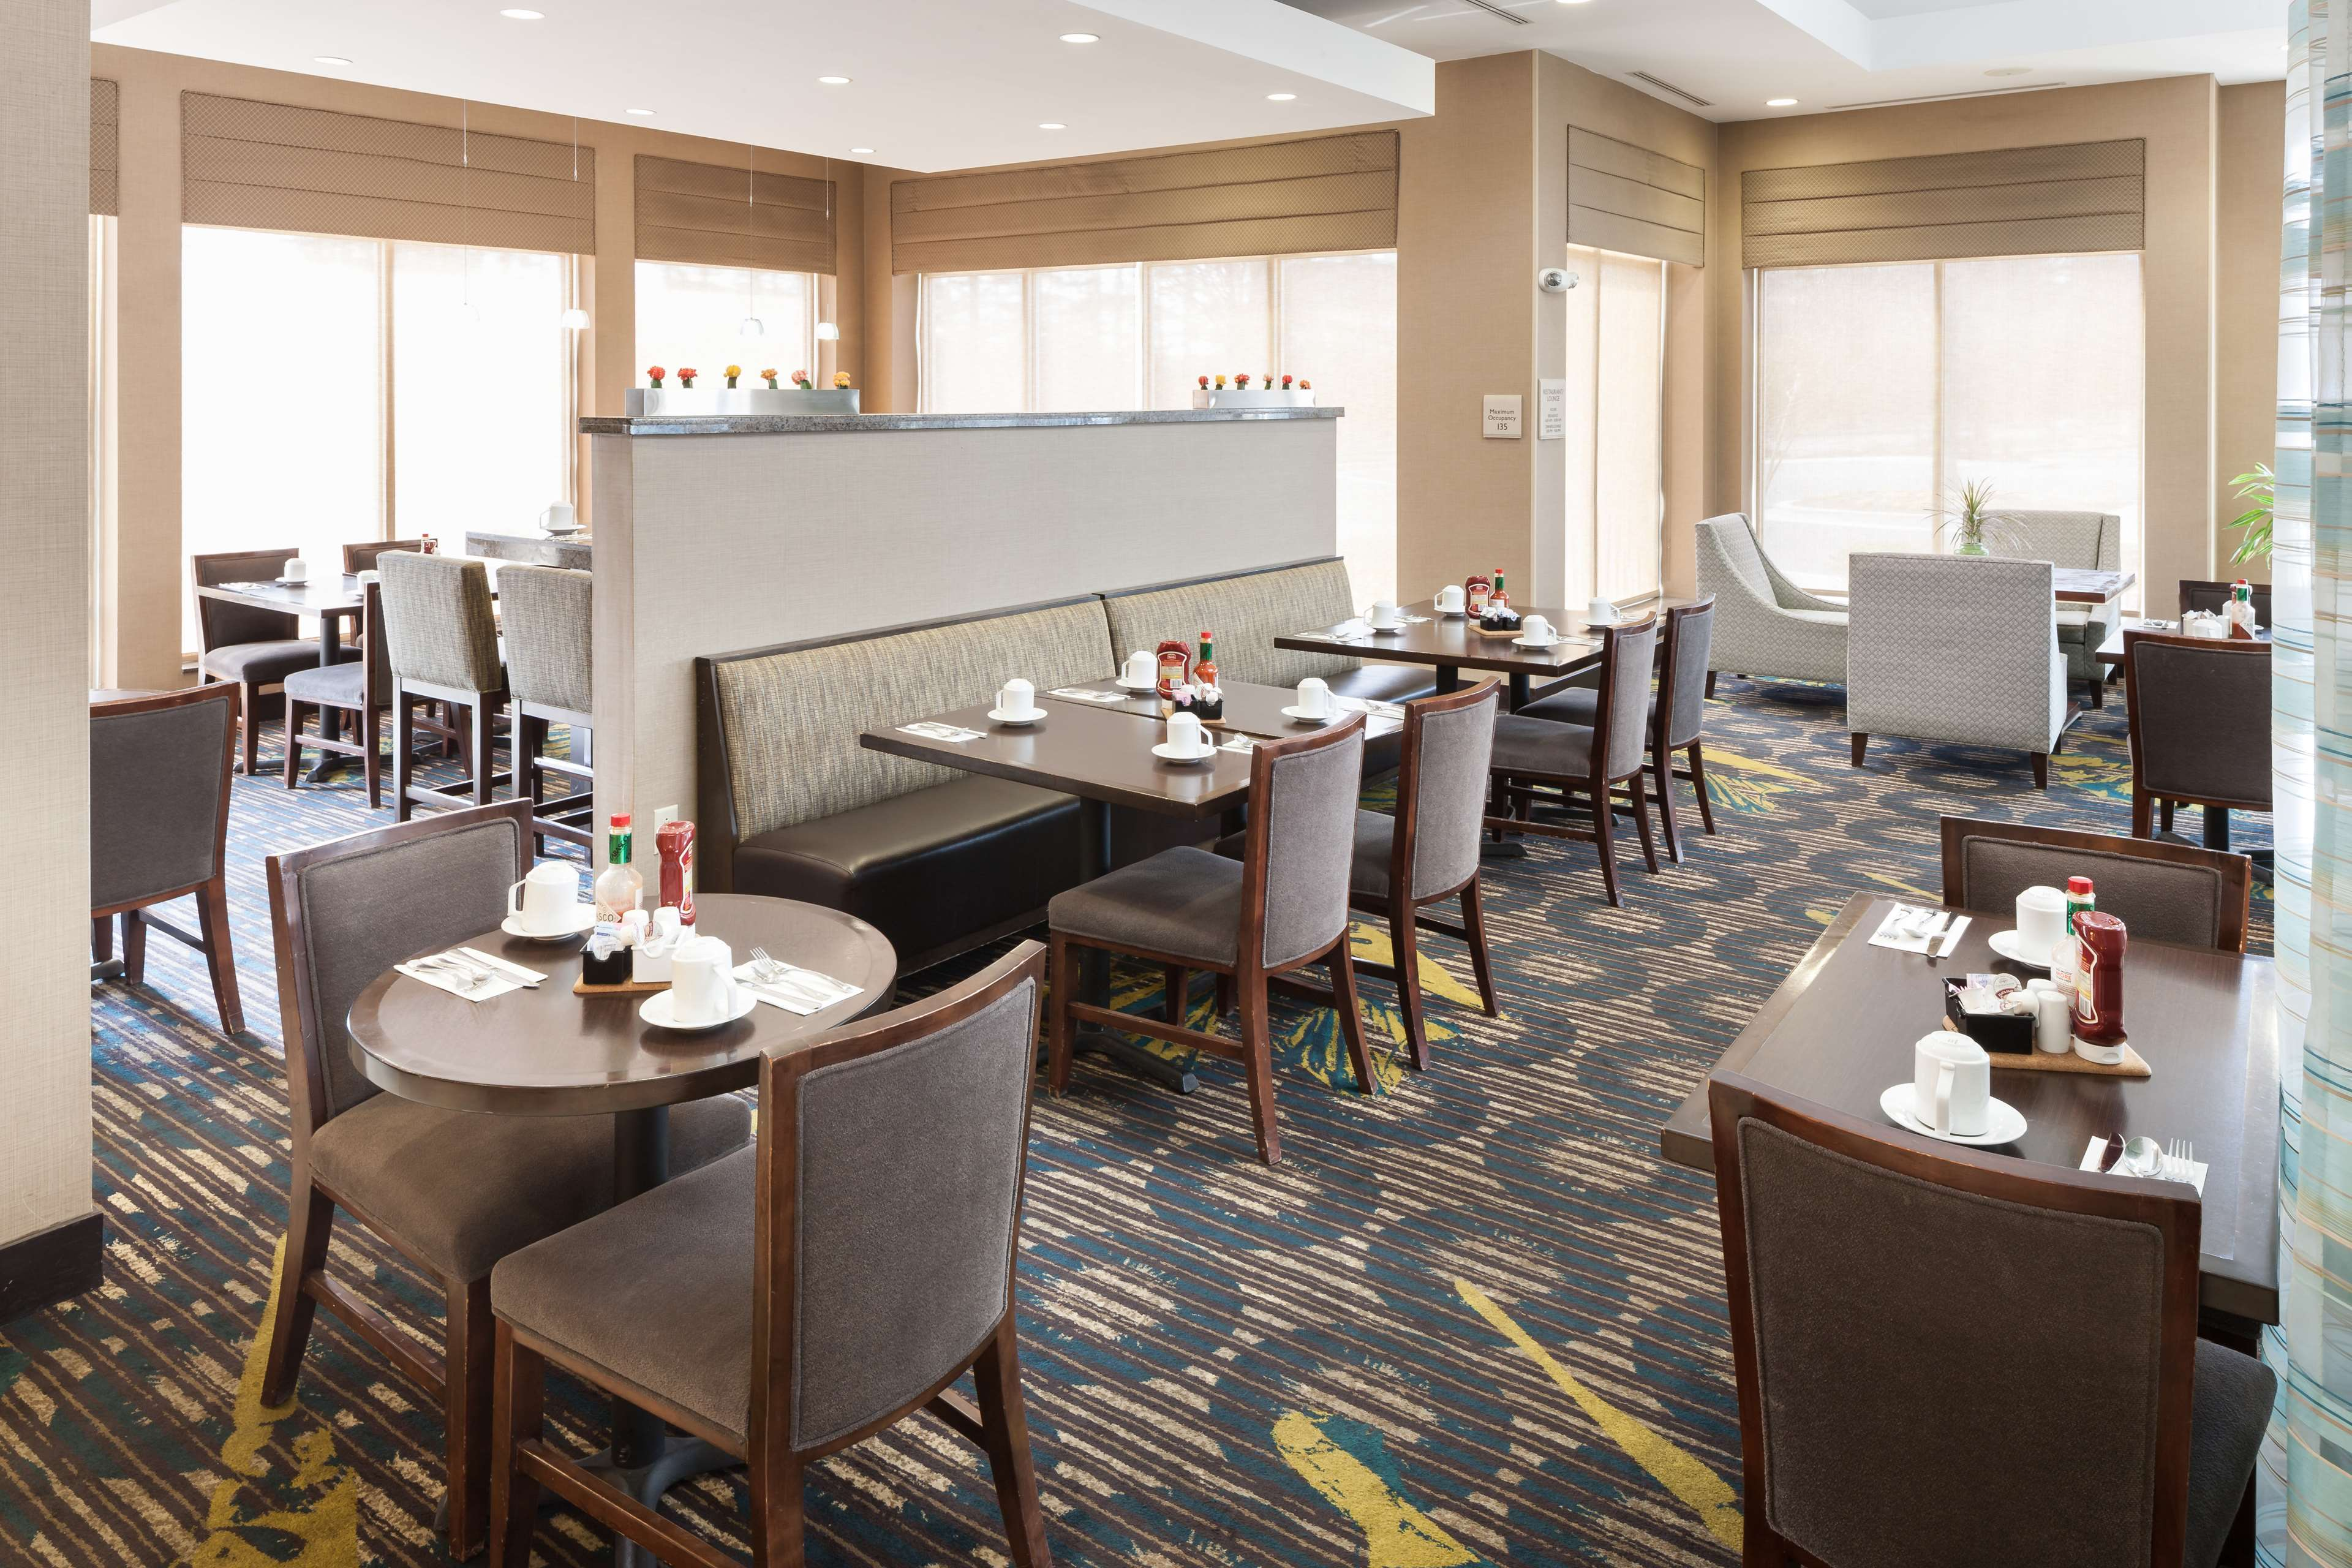 Hilton Garden Inn Silver Spring North image 10